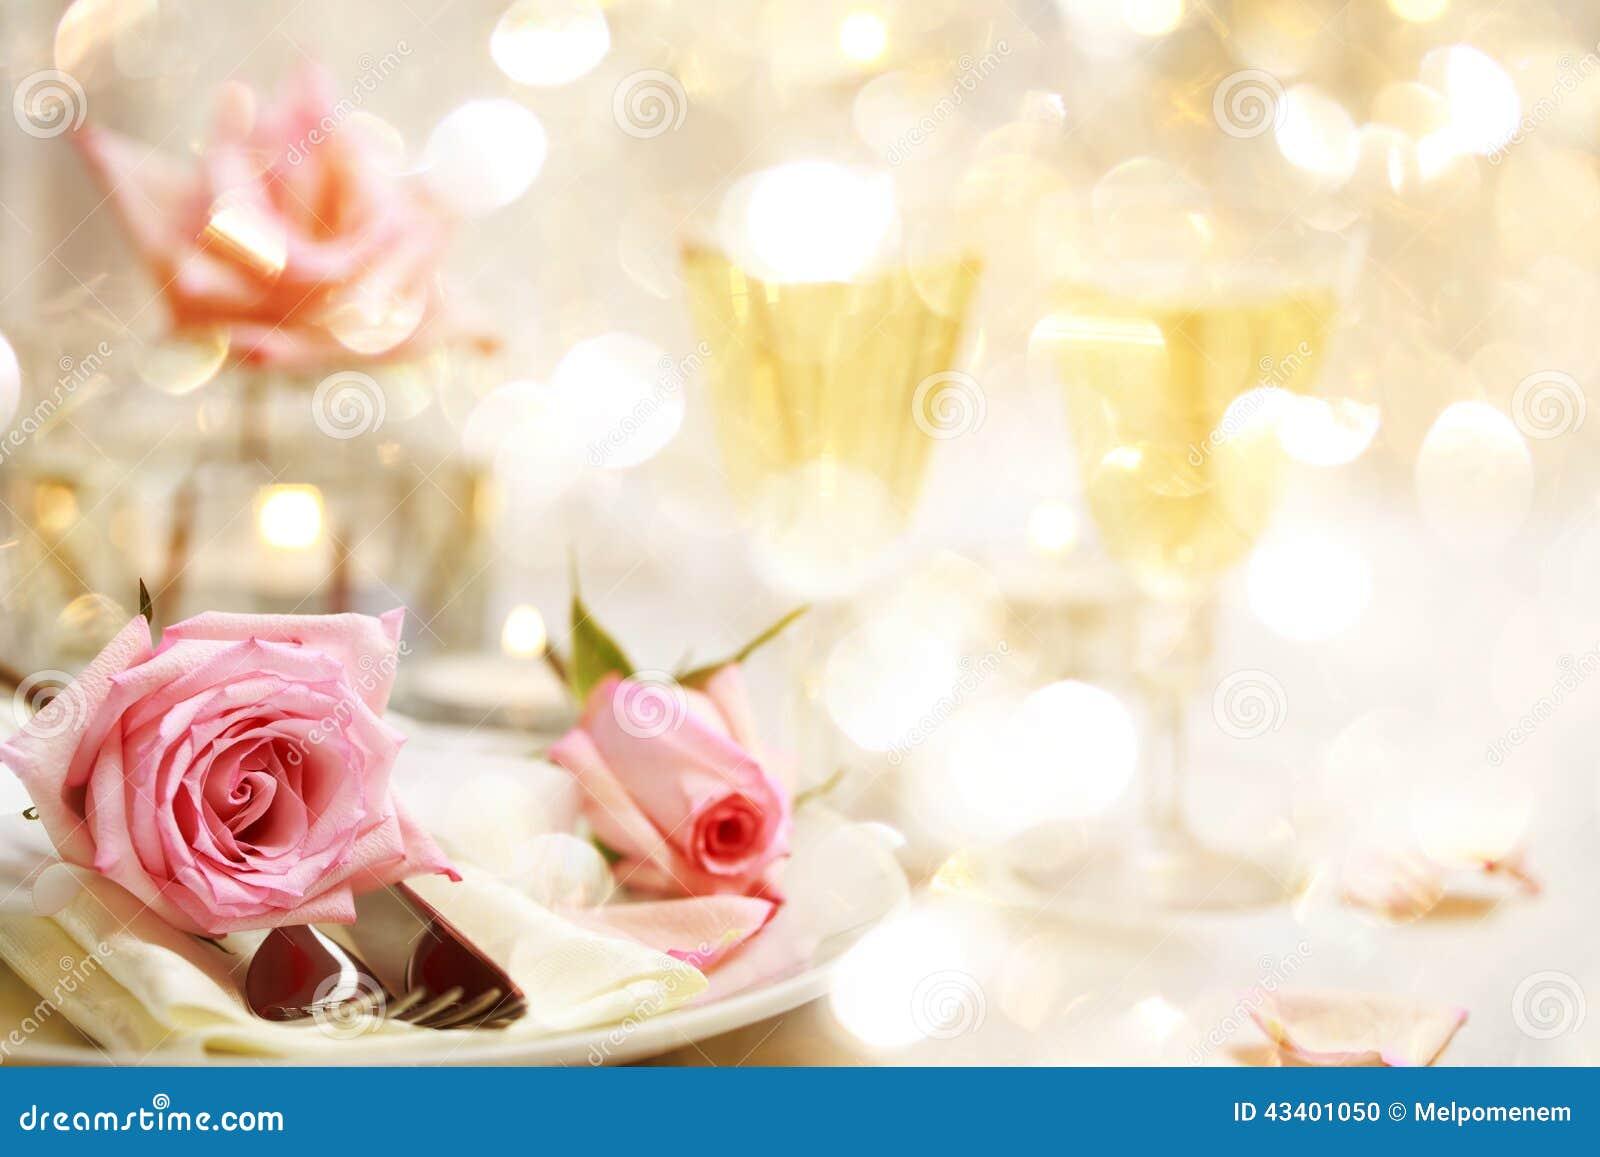 Tavola di cena con le belle rose rosa